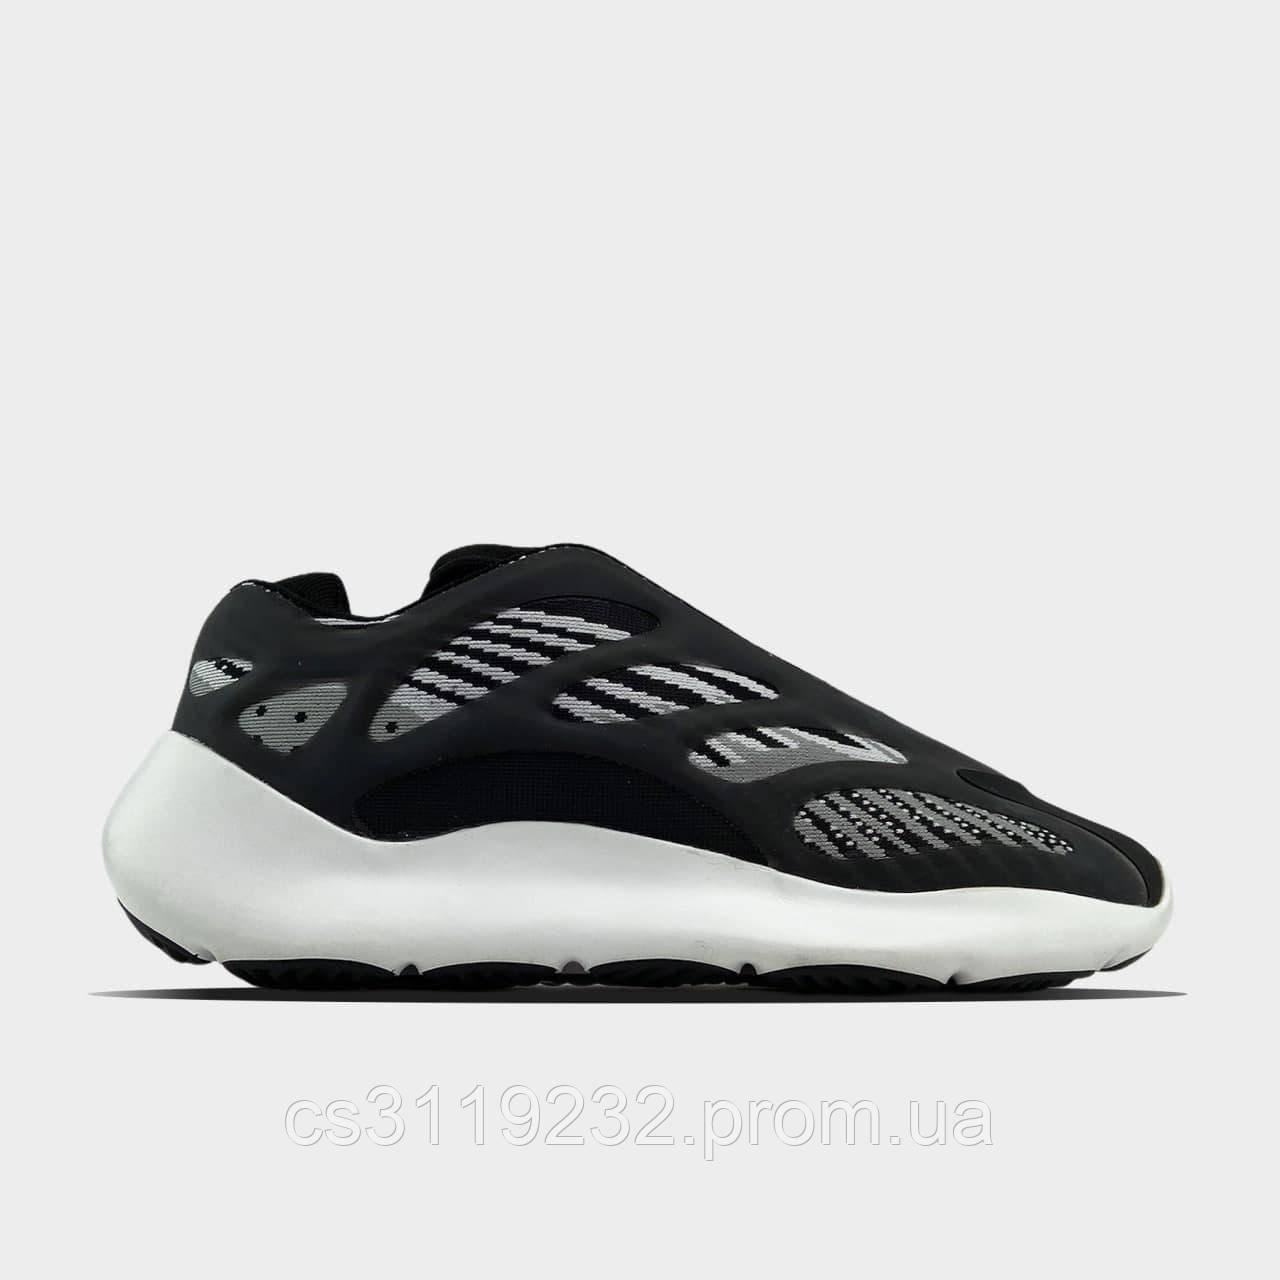 Чоловічі кросівки Adidas Yeezy Boost 700 V3 Black White (чорні)